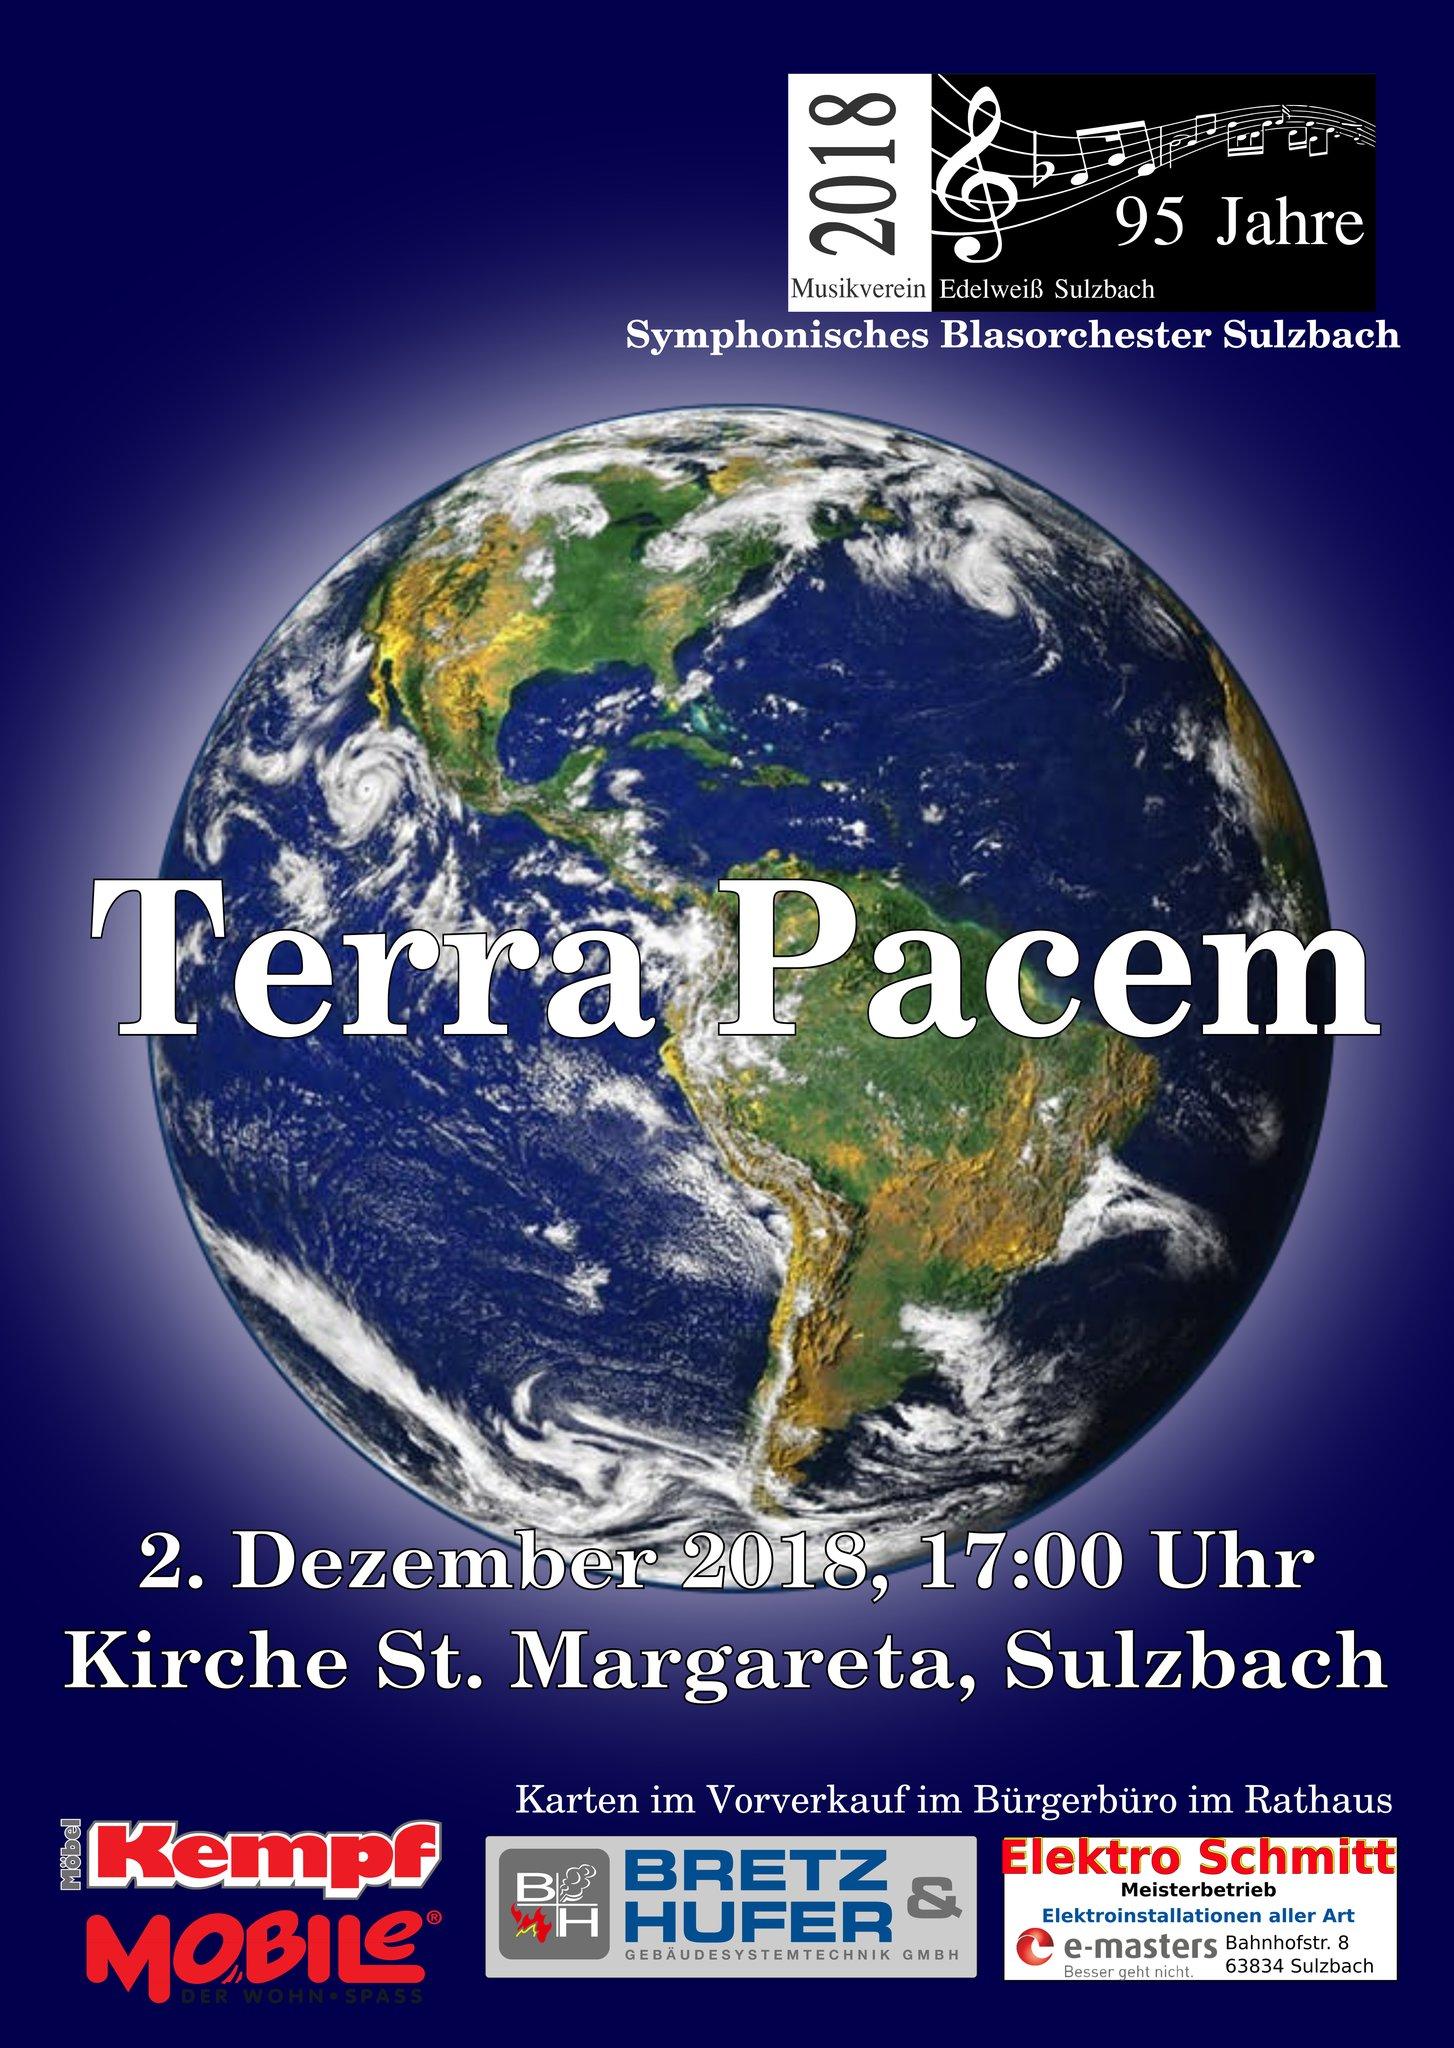 Terra Pacem Ein Kirchenkonzert In Besonderem Ambiente Sulzbach A